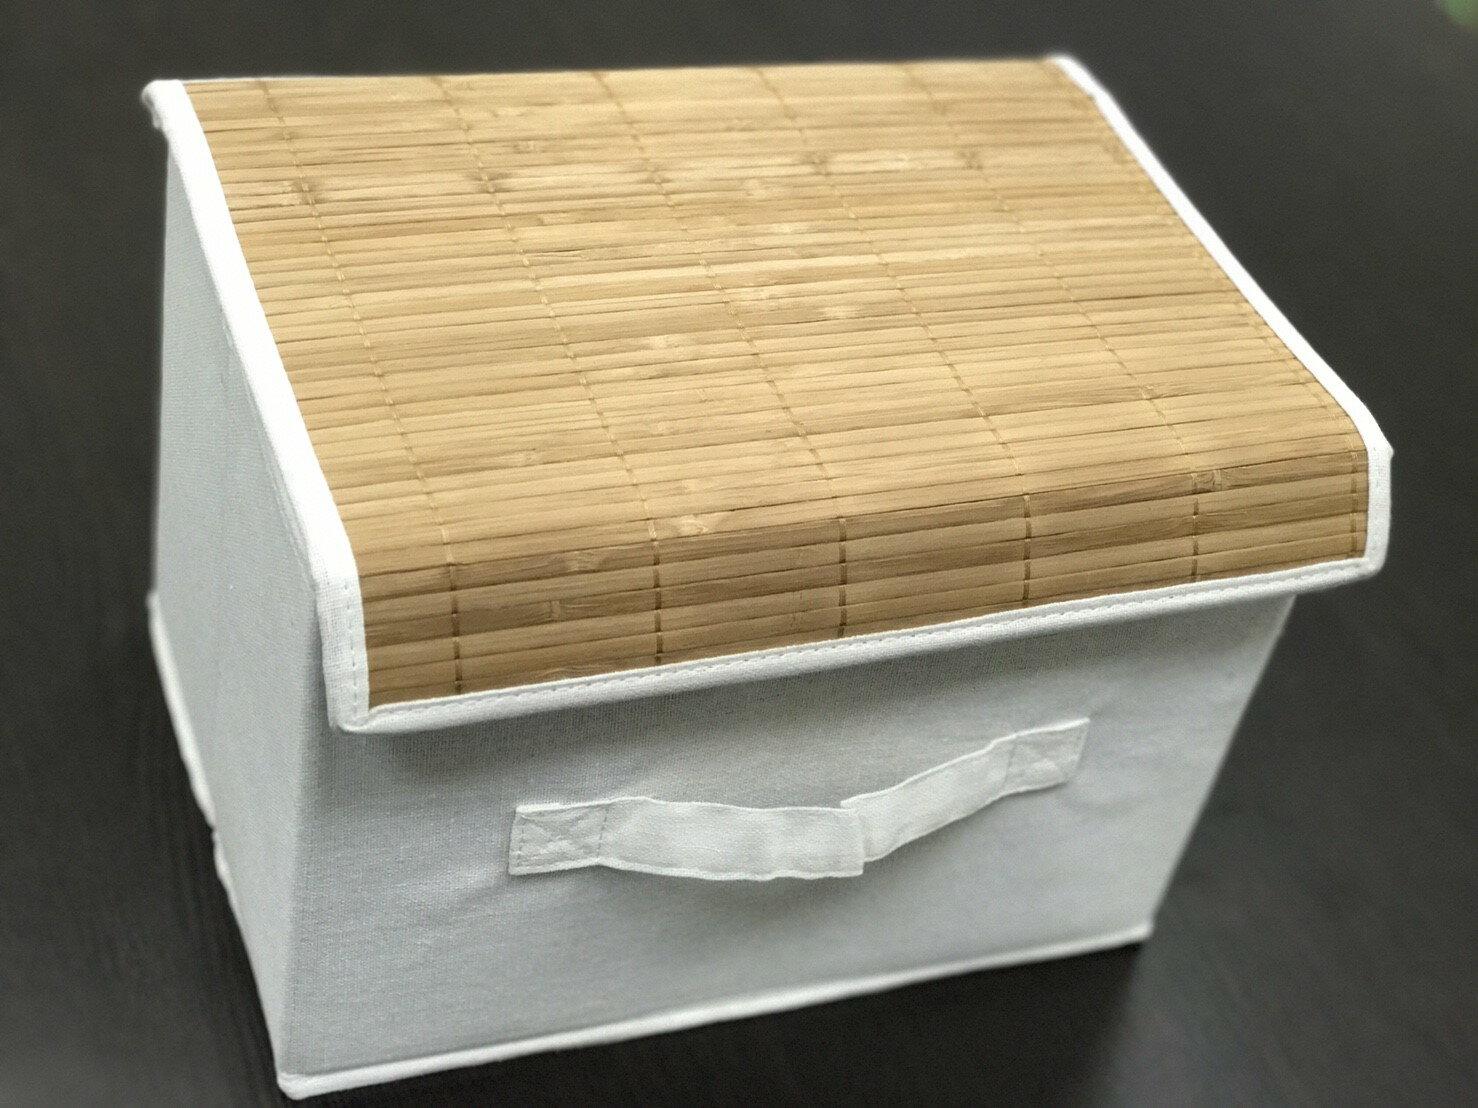 【凱樂絲】竹編+棉質收納籃,附上蓋可防塵。有把手方便拿取。襪子、手帕、圍巾、手套等收納29X21X20CM